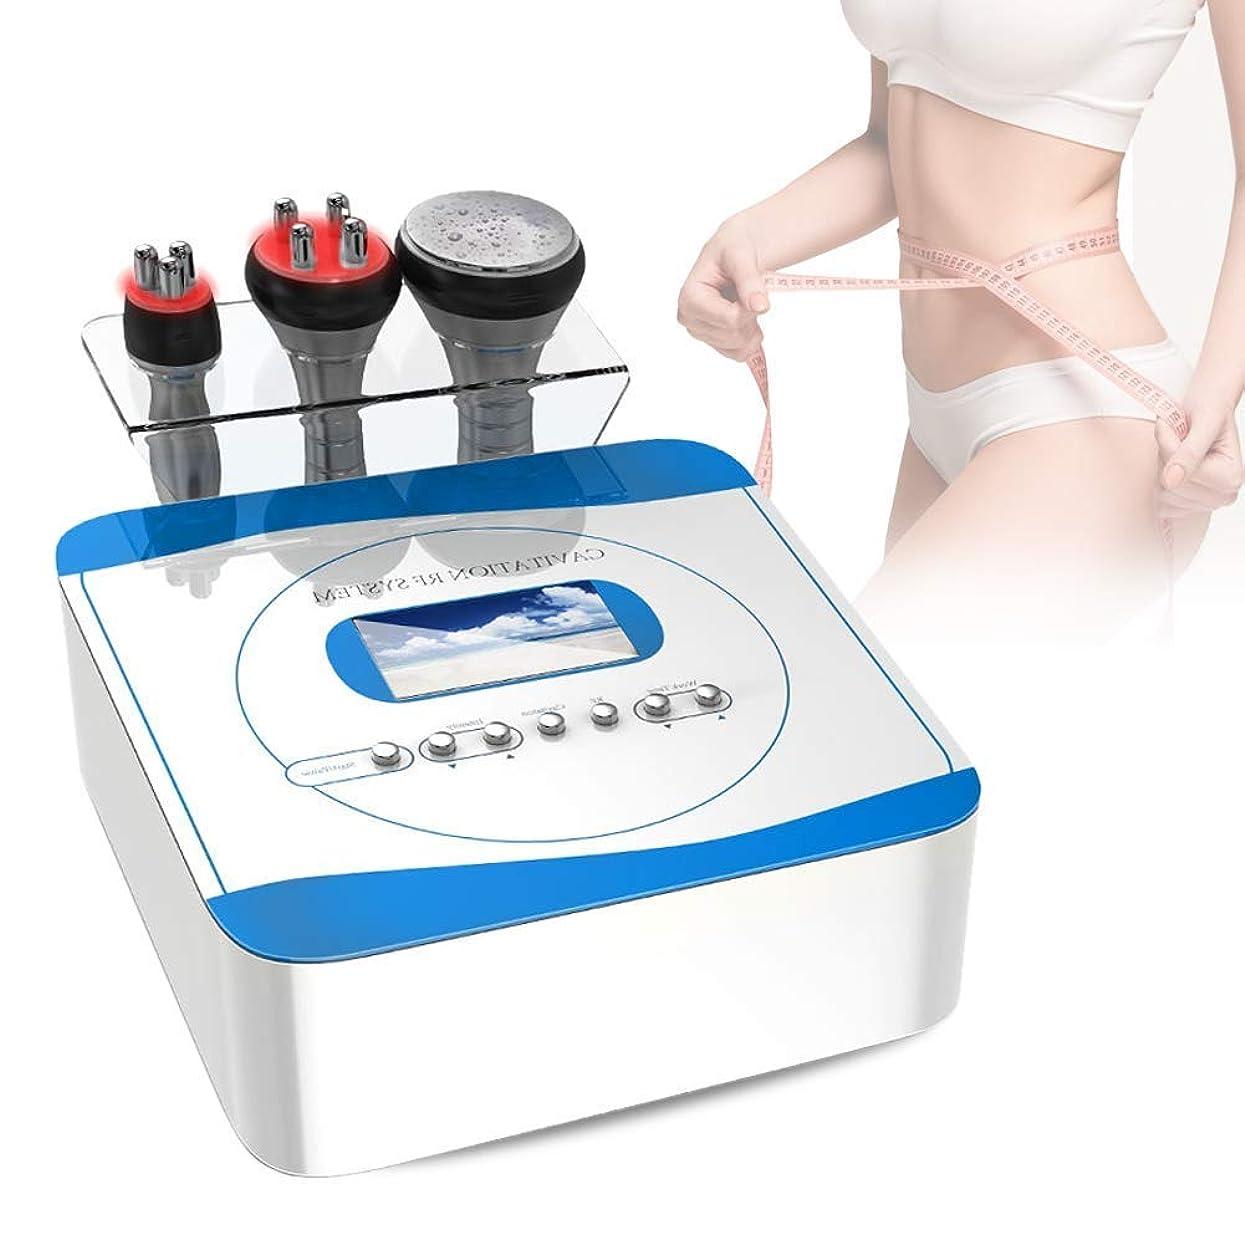 電子レンジ燃やすレスリング脂肪除去機、腰、腕、腹、脚のためのリフティング美容機を引き締める1ボディマッサージ脂肪除去肌に3